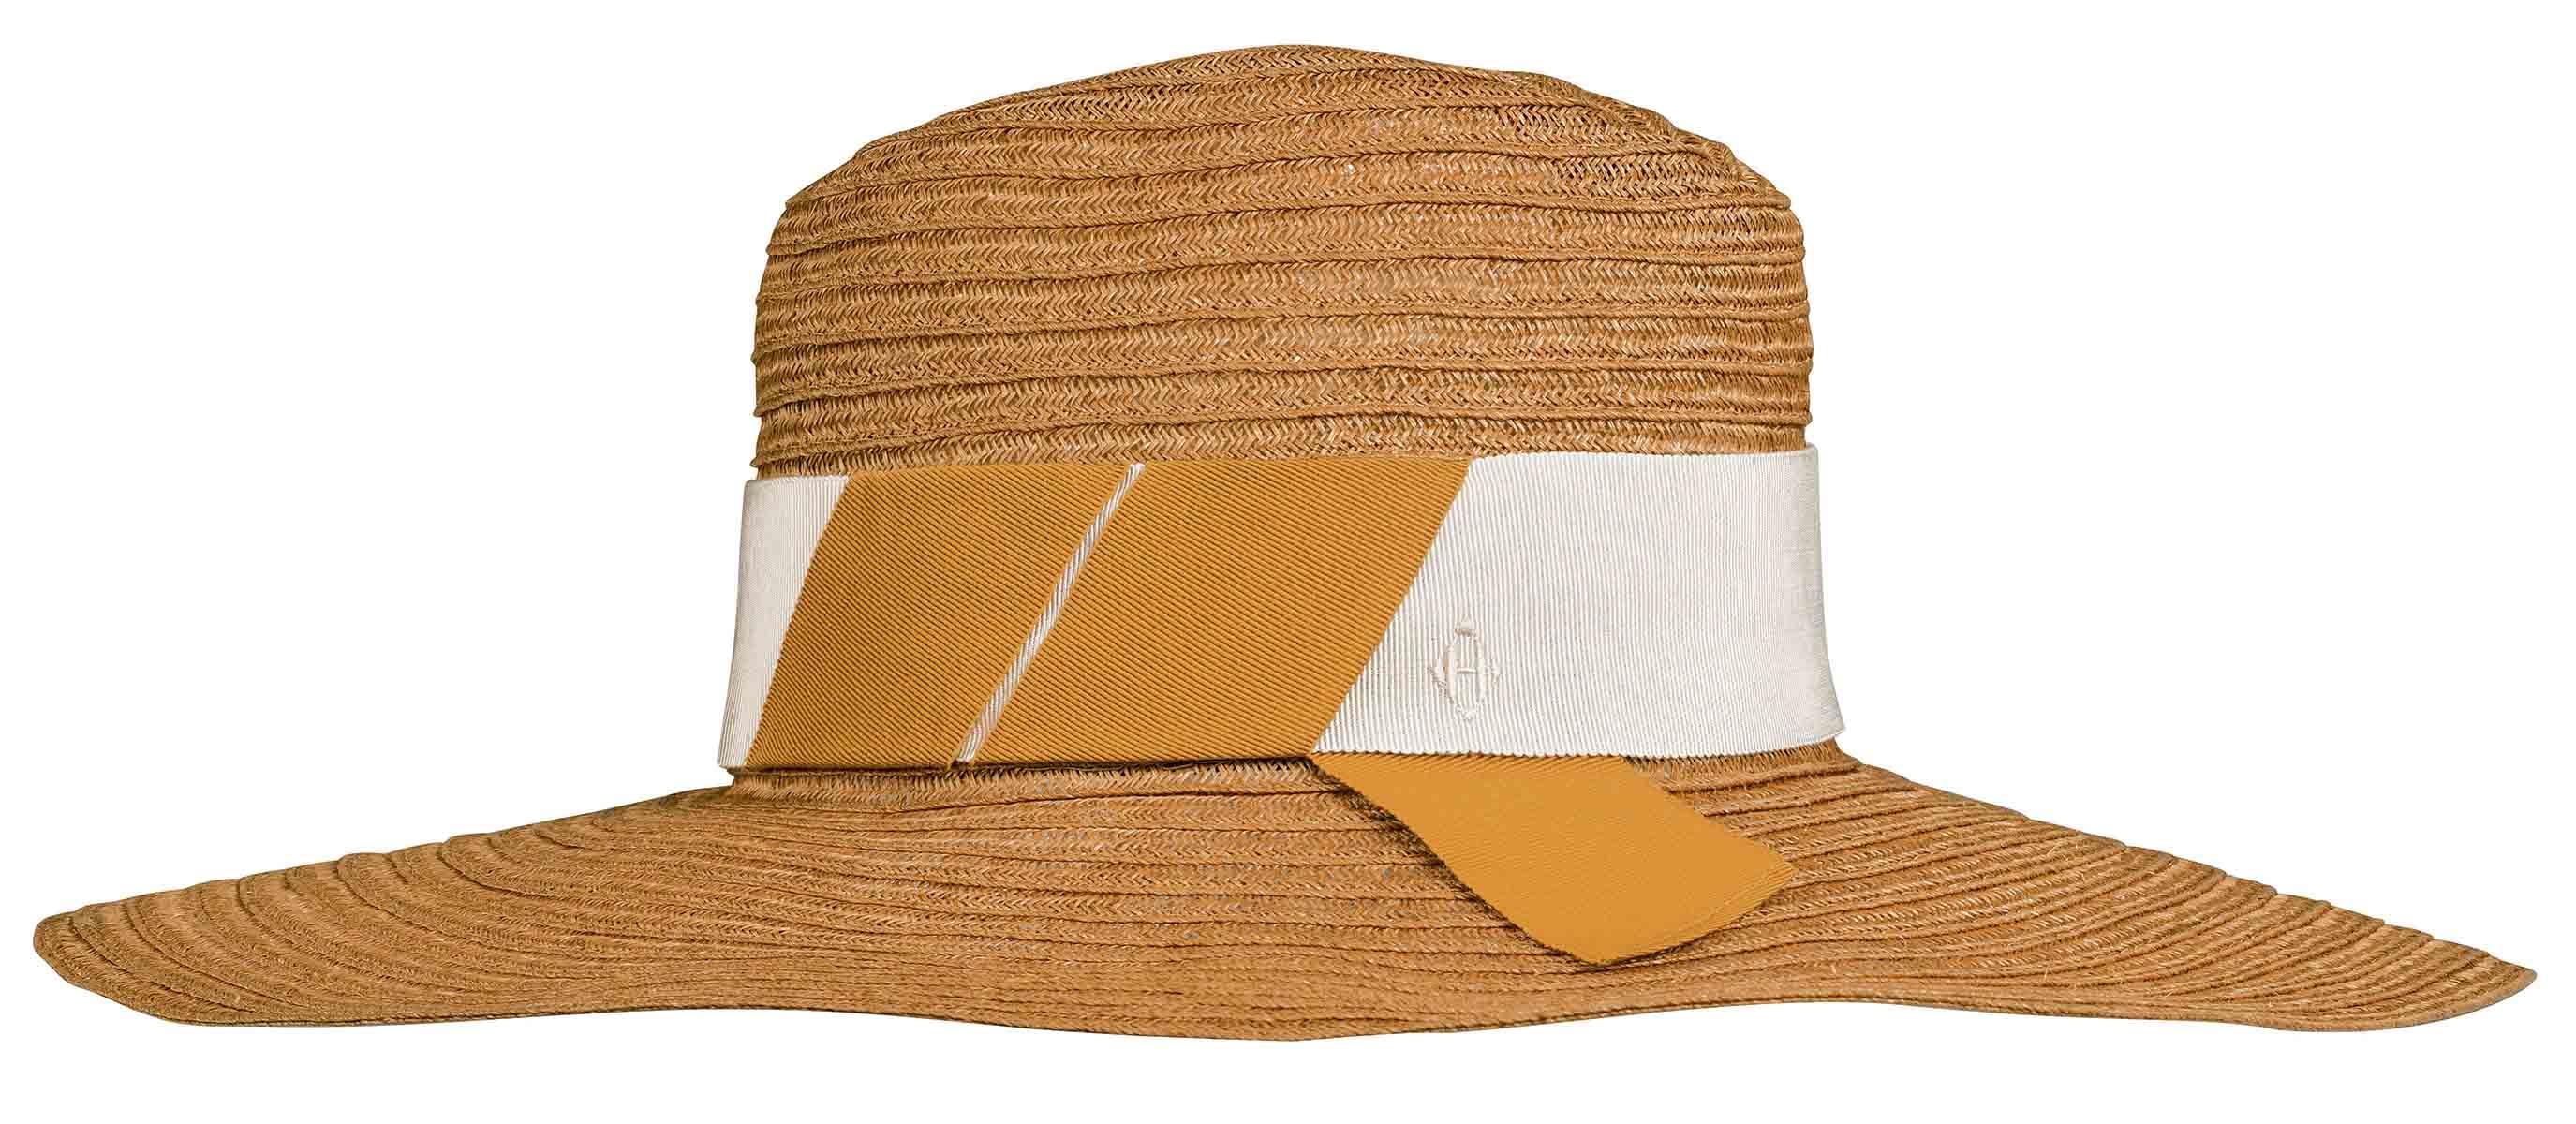 Siap Gaya Liburan Musim Panas Ini dengan Straw Hat Hermès